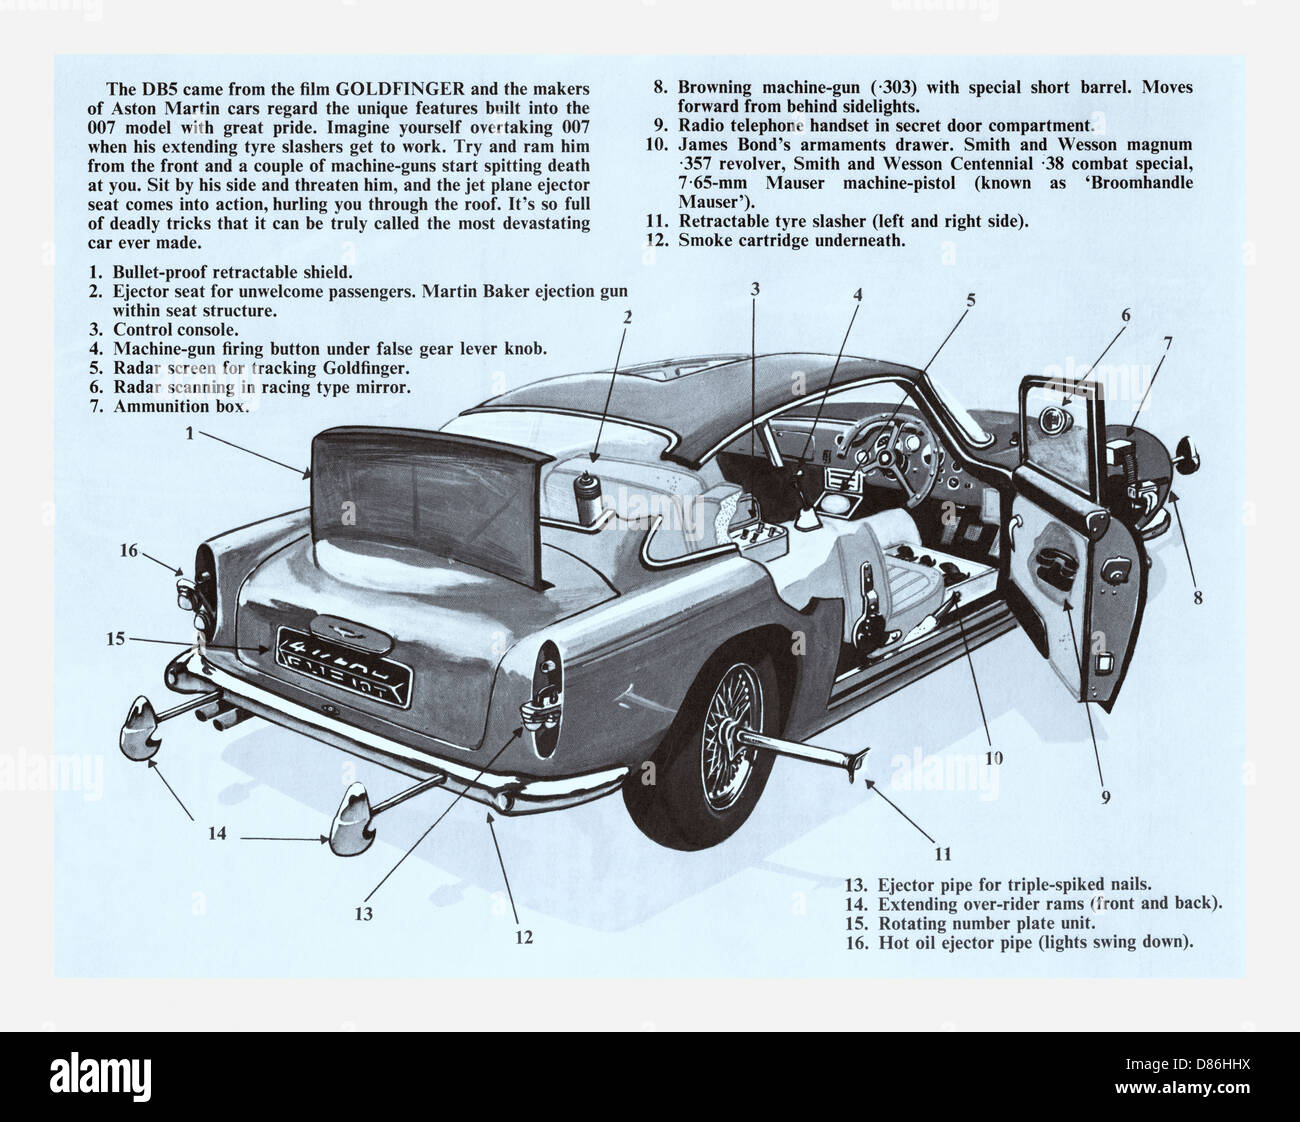 Car Drawing Stock Photos & Car Drawing Stock Images - Alamy